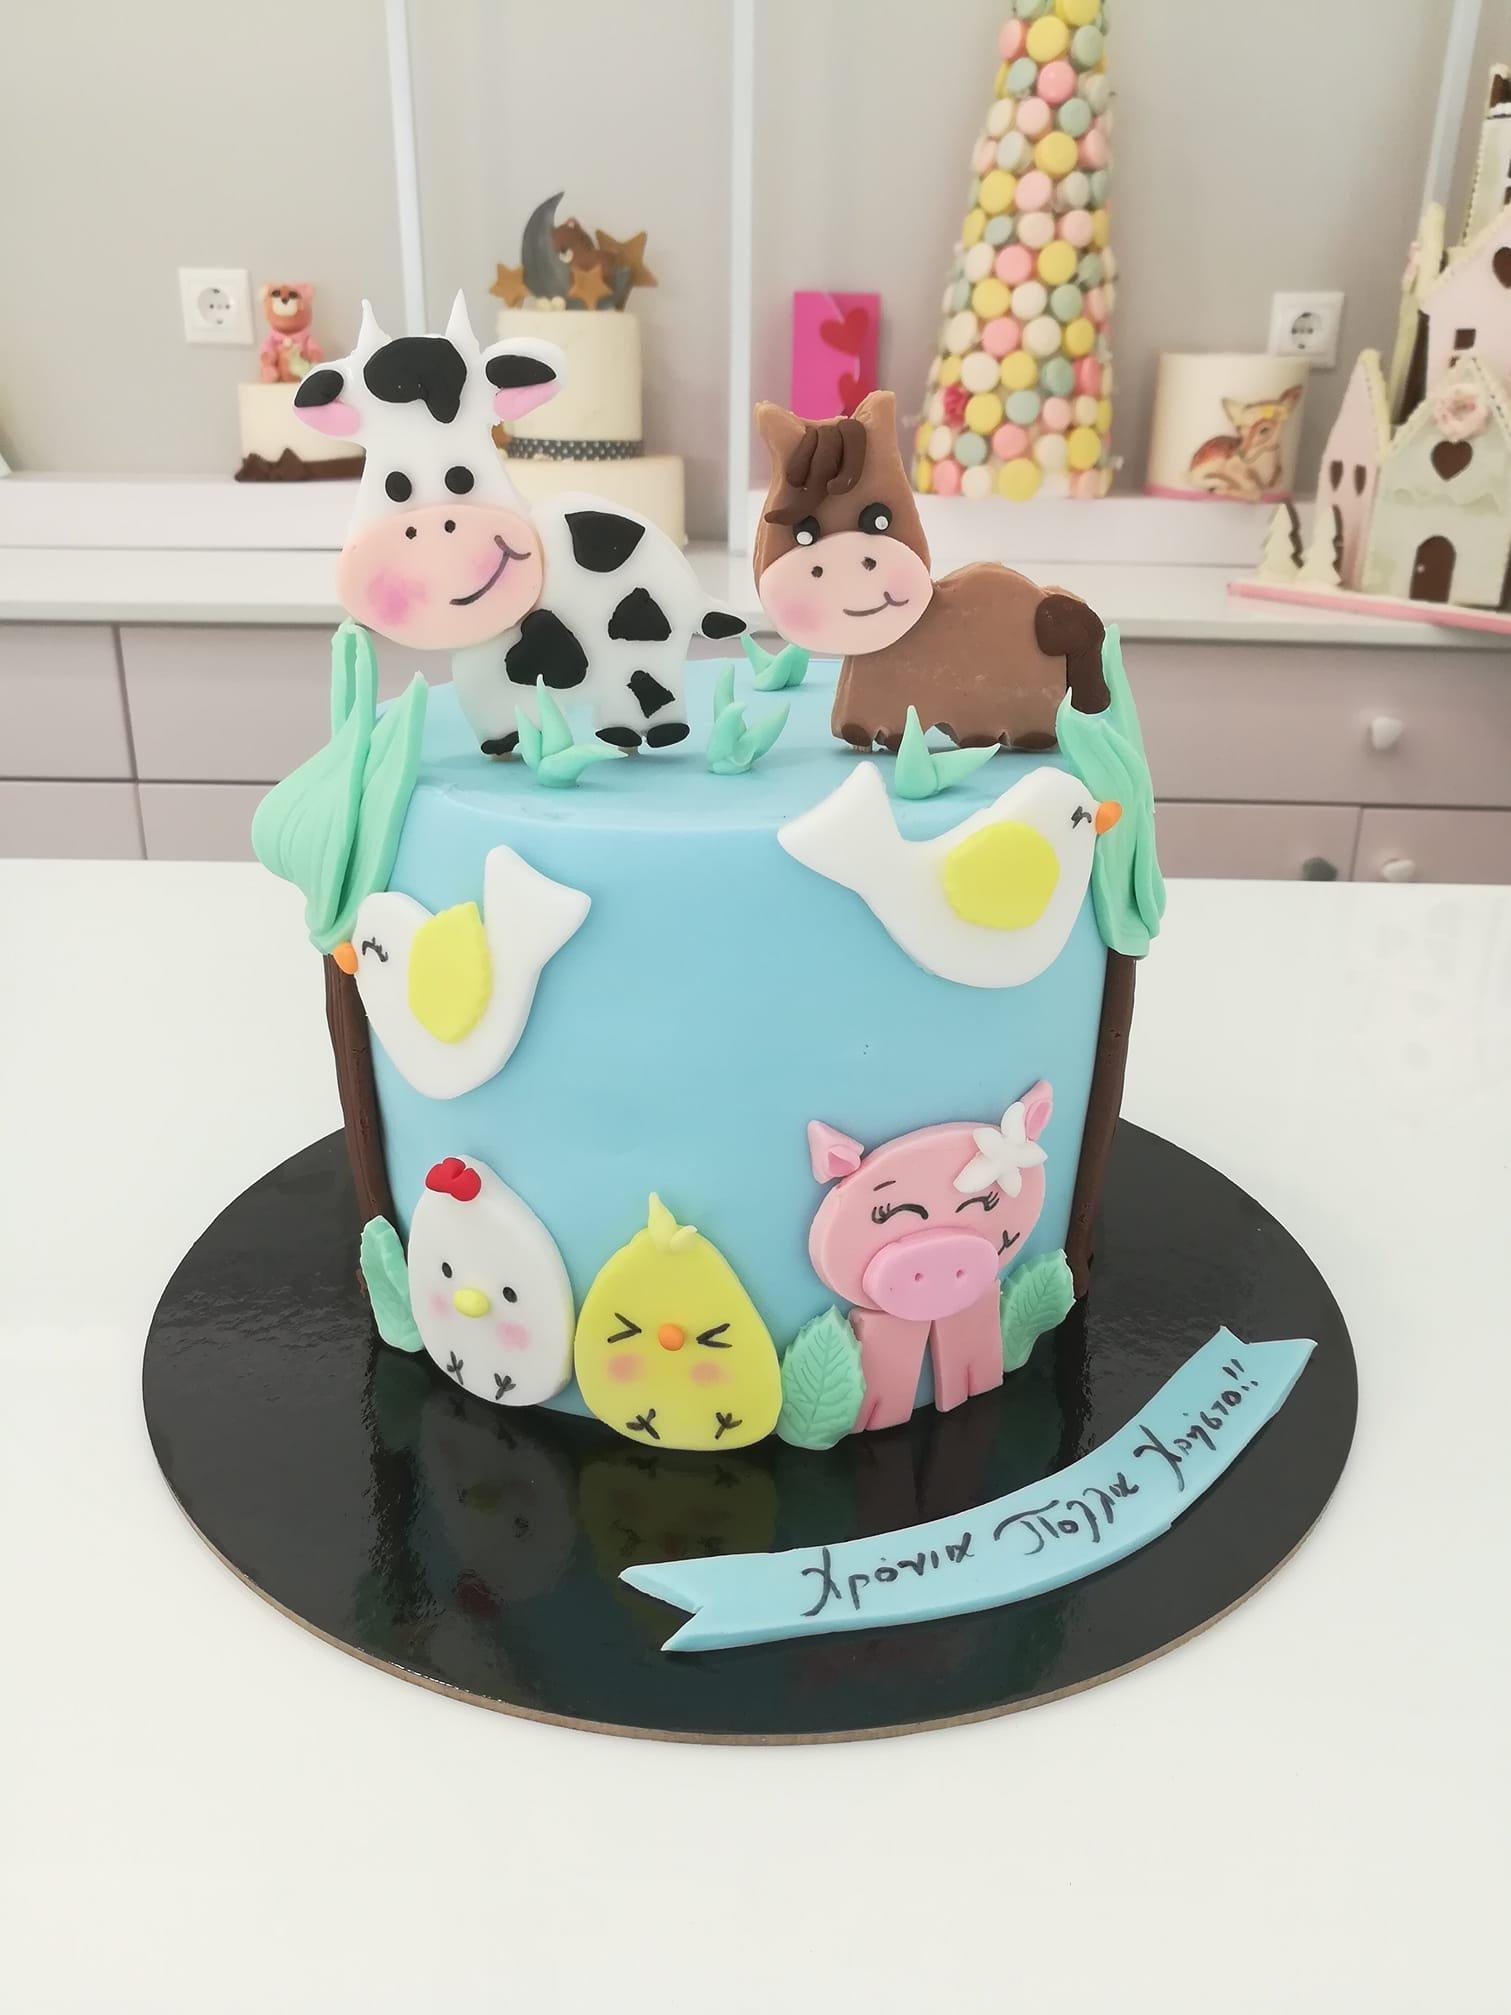 τούρτα από ζαχαρόπαστα τα ζωάκια της φάρμας, farm animals themed cake, Ζαχαροπλαστεία Καλαμάτα madame charlotte, τούρτες για πάρτι παιδικές γενεθλίων για αγόρια για κορίτσια για μεγάλους, birthday themed cakes patisserie confectionery kalamata